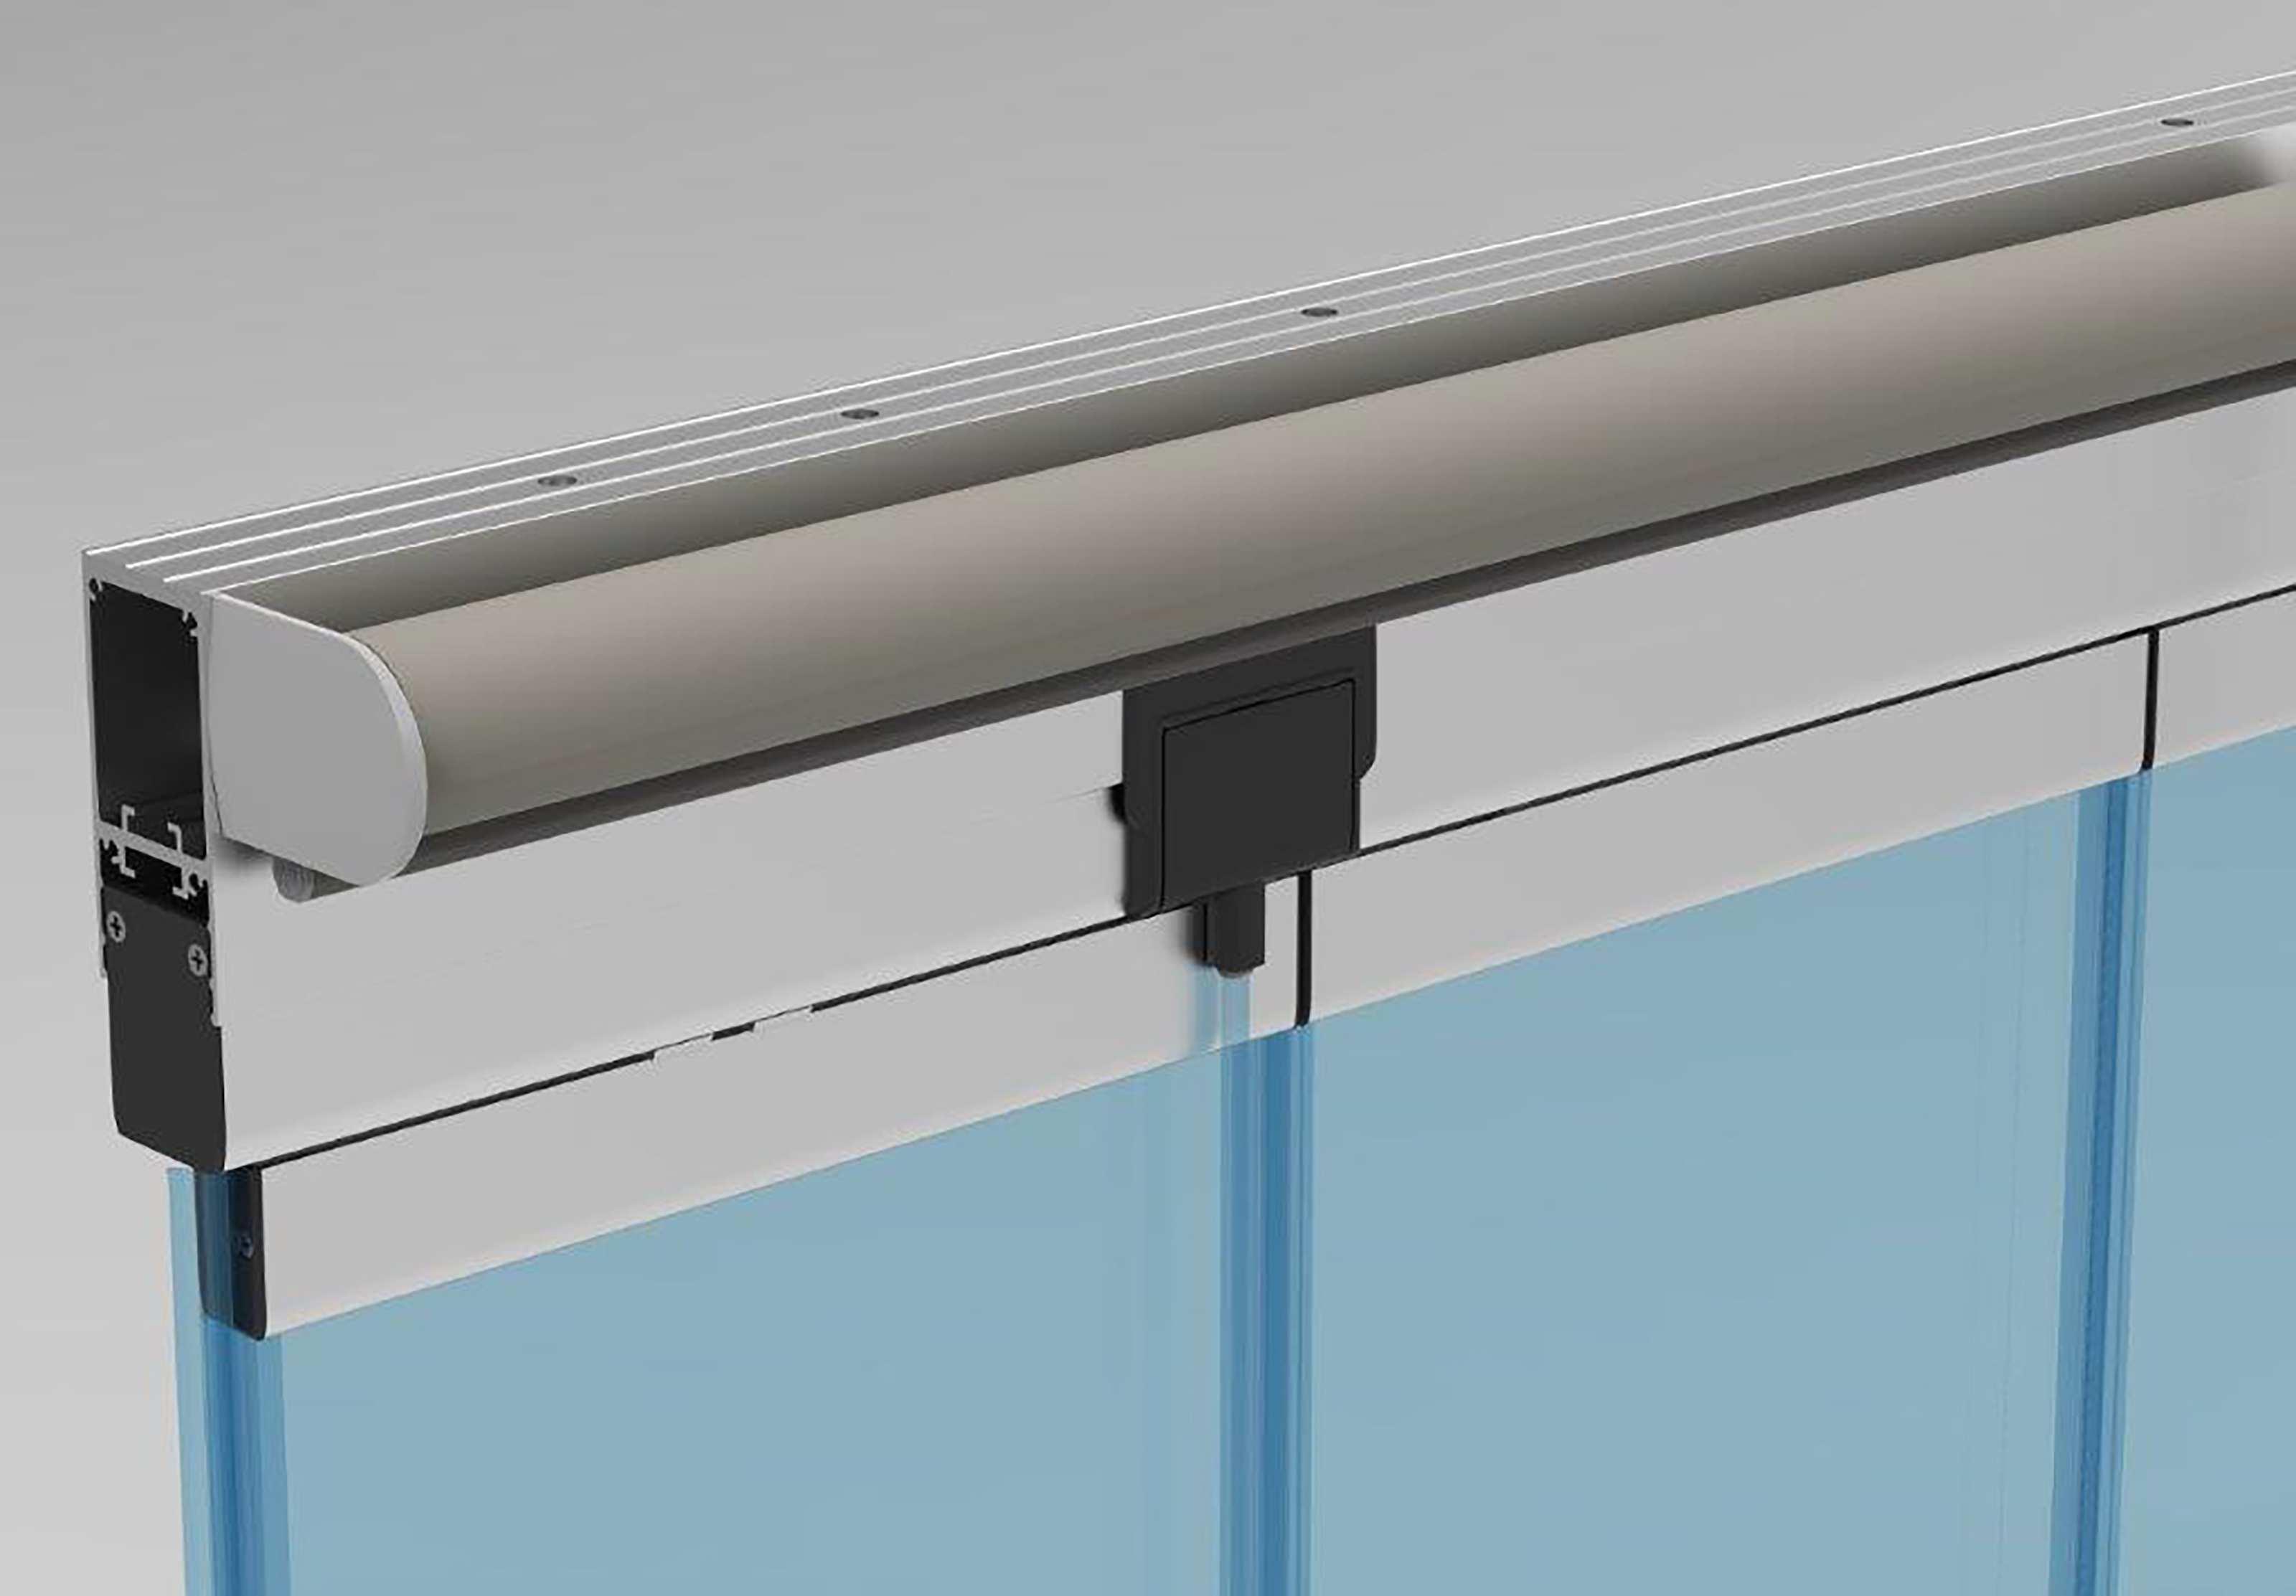 Systeme De Rideau Coulissant fonctionnement du mur rideau de verre escamotable